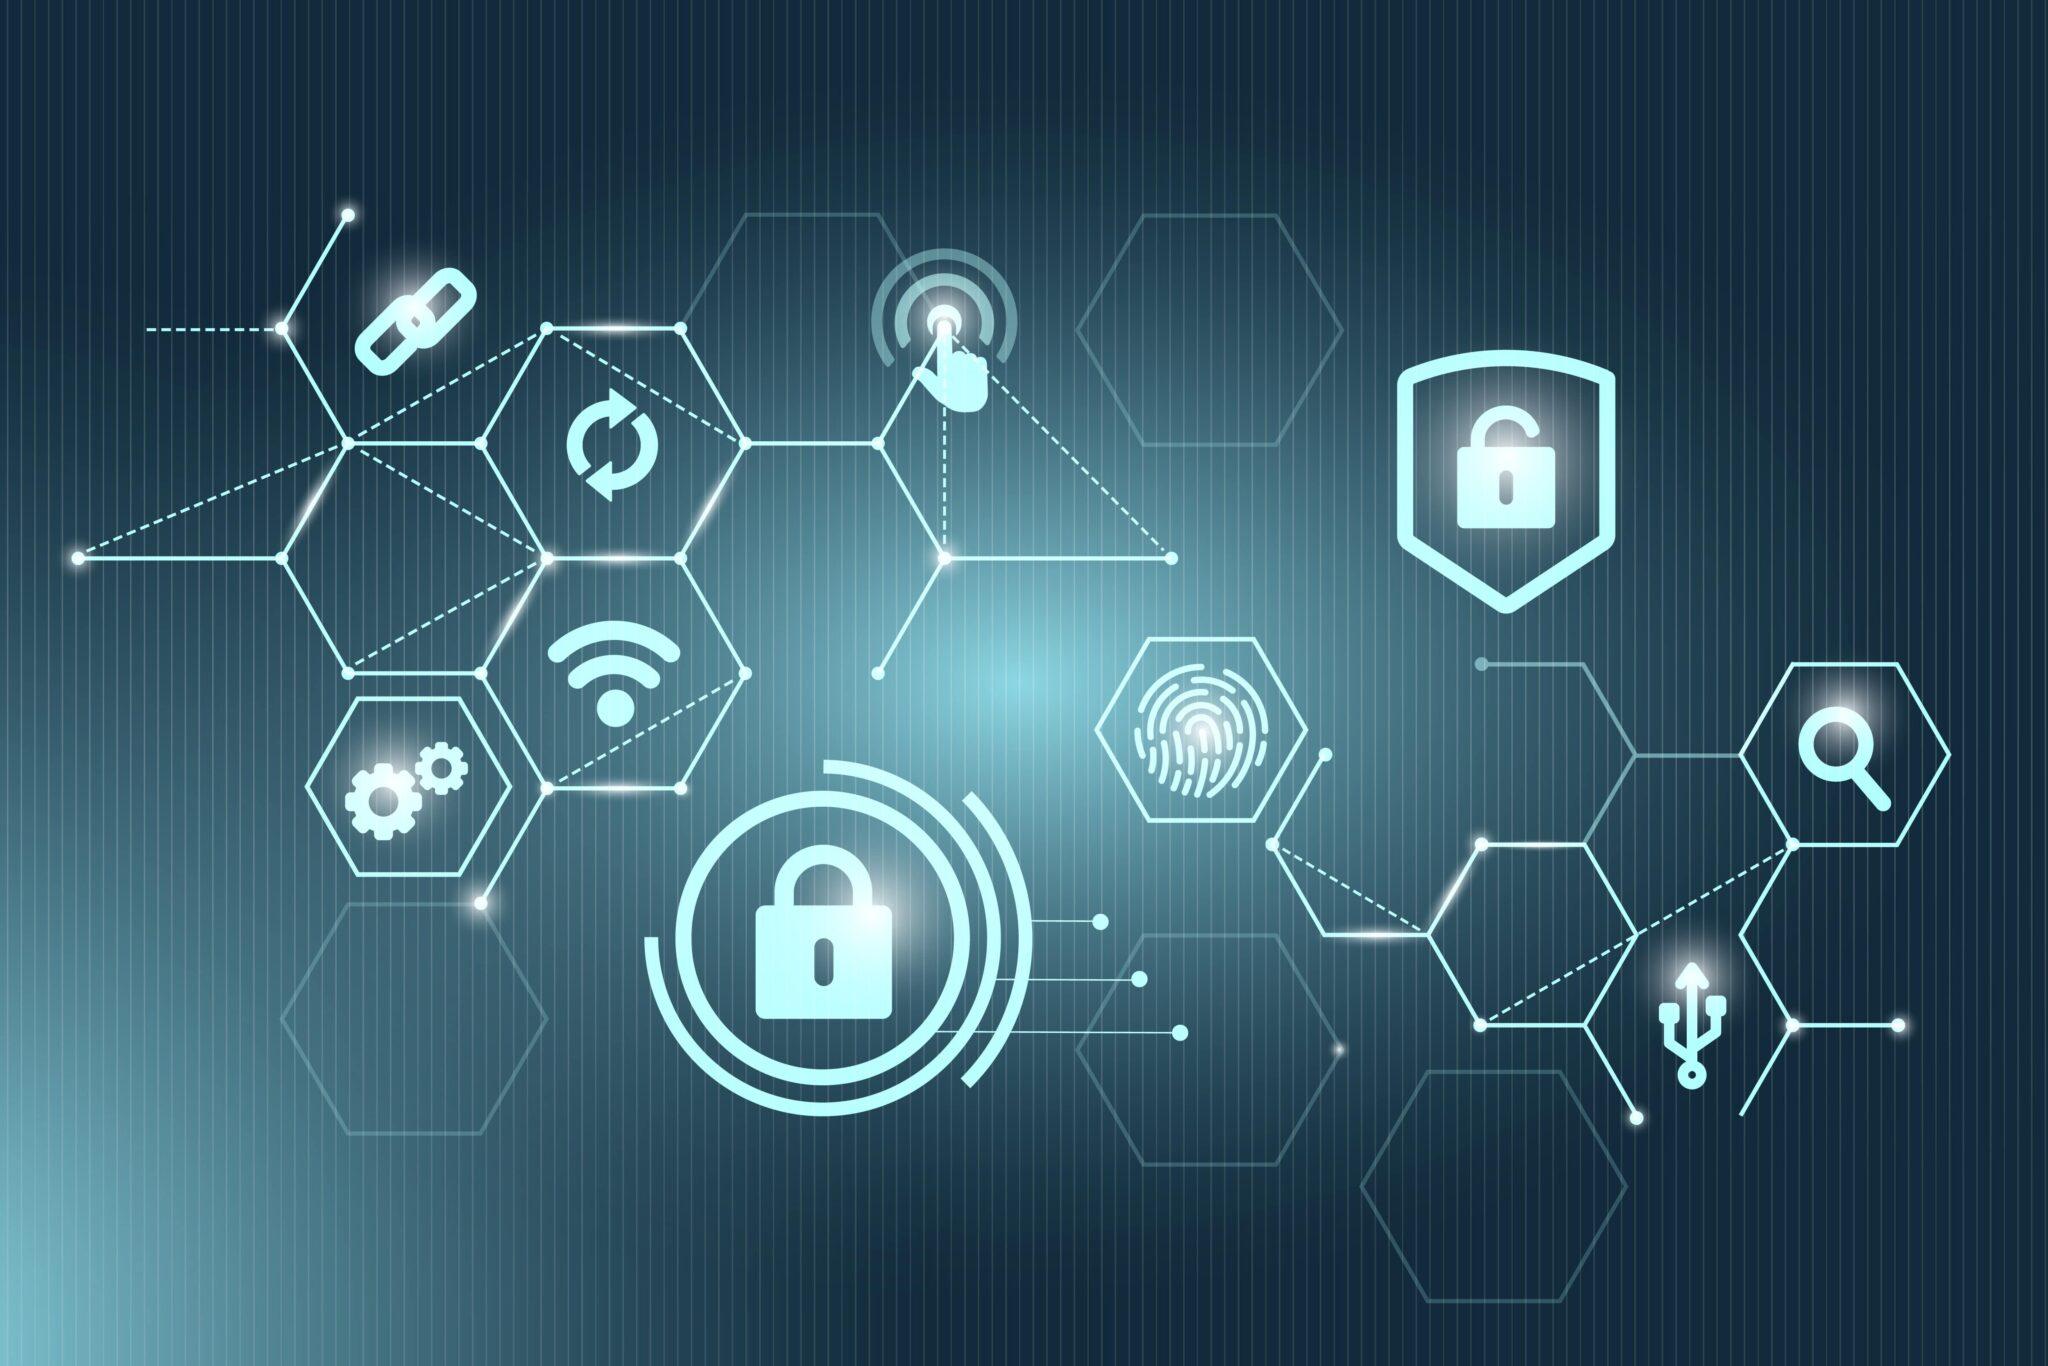 En pleine crise Covid-19, ForgeRock lève 93,5 millions de dollars pour supporter la prochaine vague de croissance et d'innovation sur le secteur de l'identité numérique